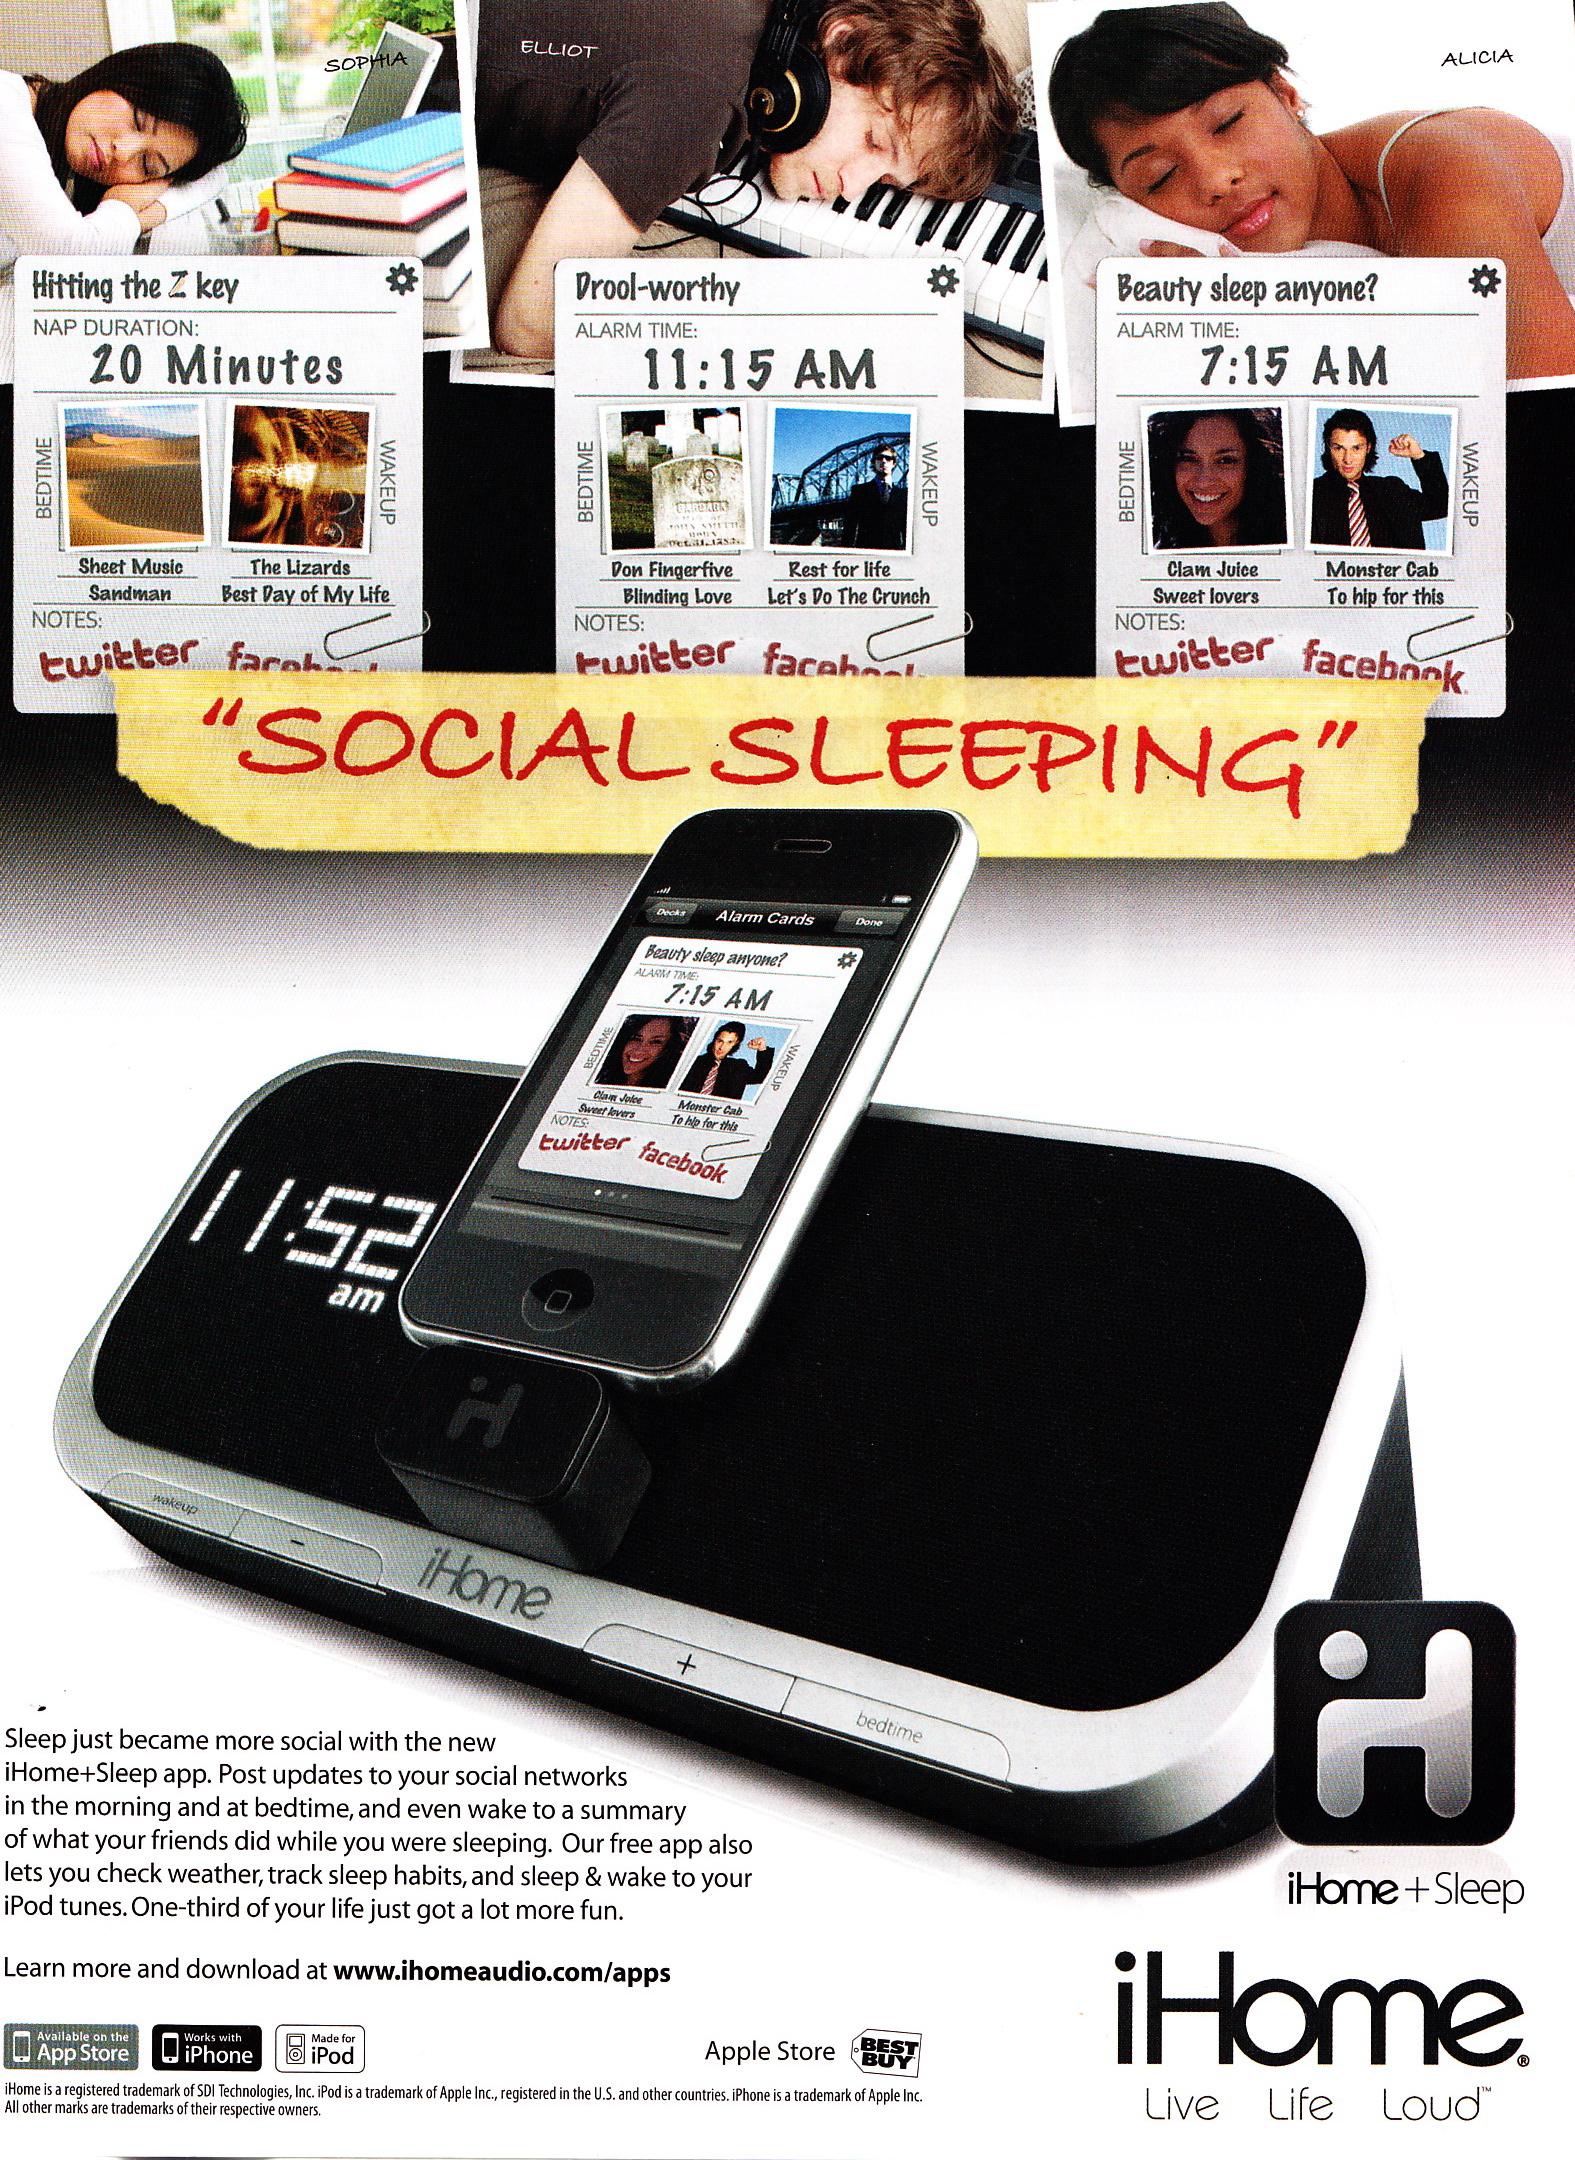 Social Sleeping